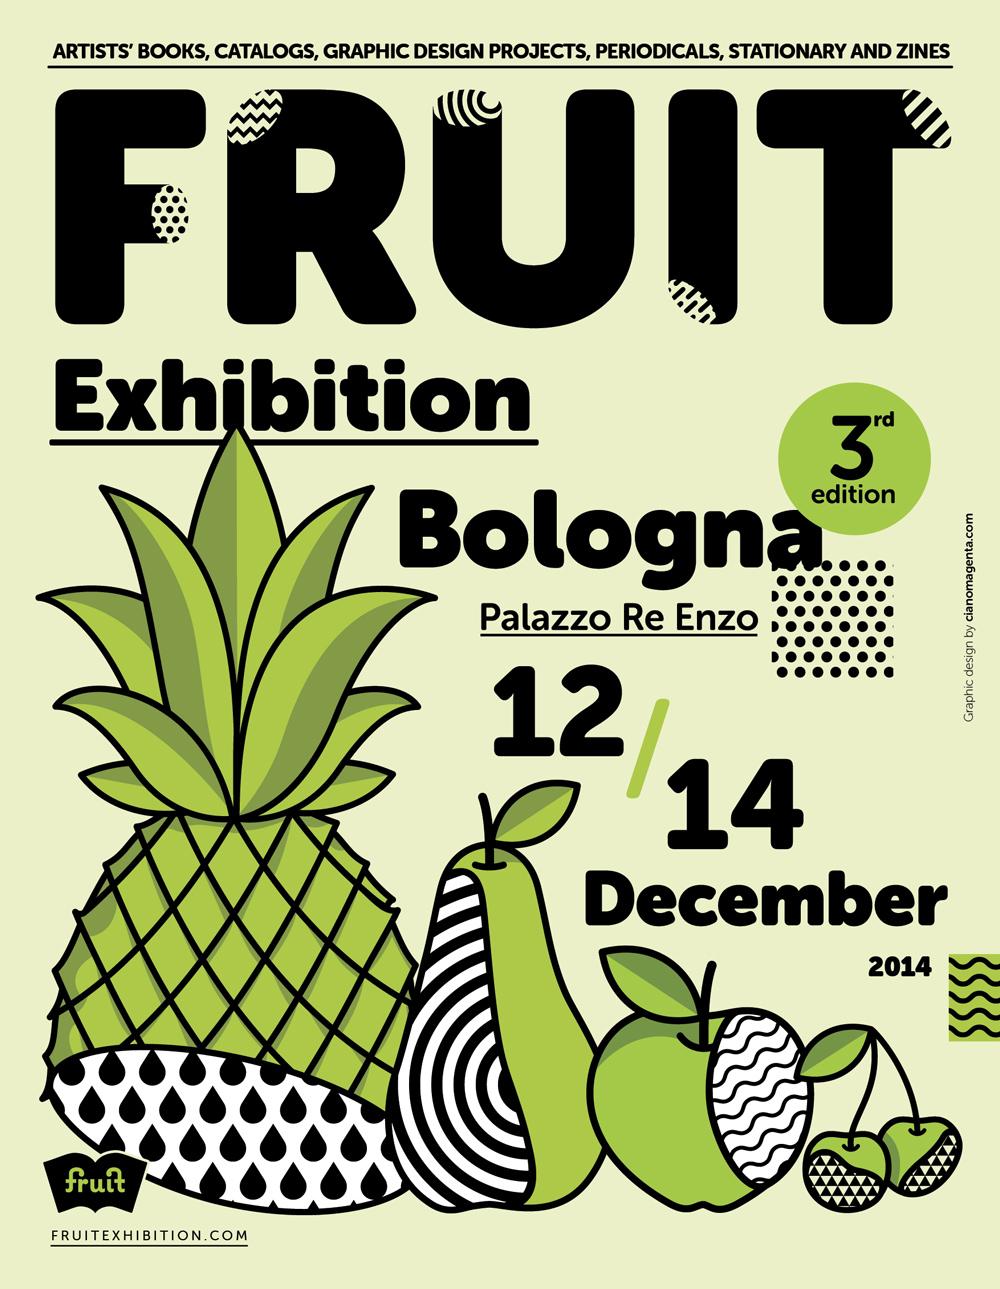 la terza edizione di Fruit Exhibition, l'evento interamente dedicato al graphic design e all'editoria creativa